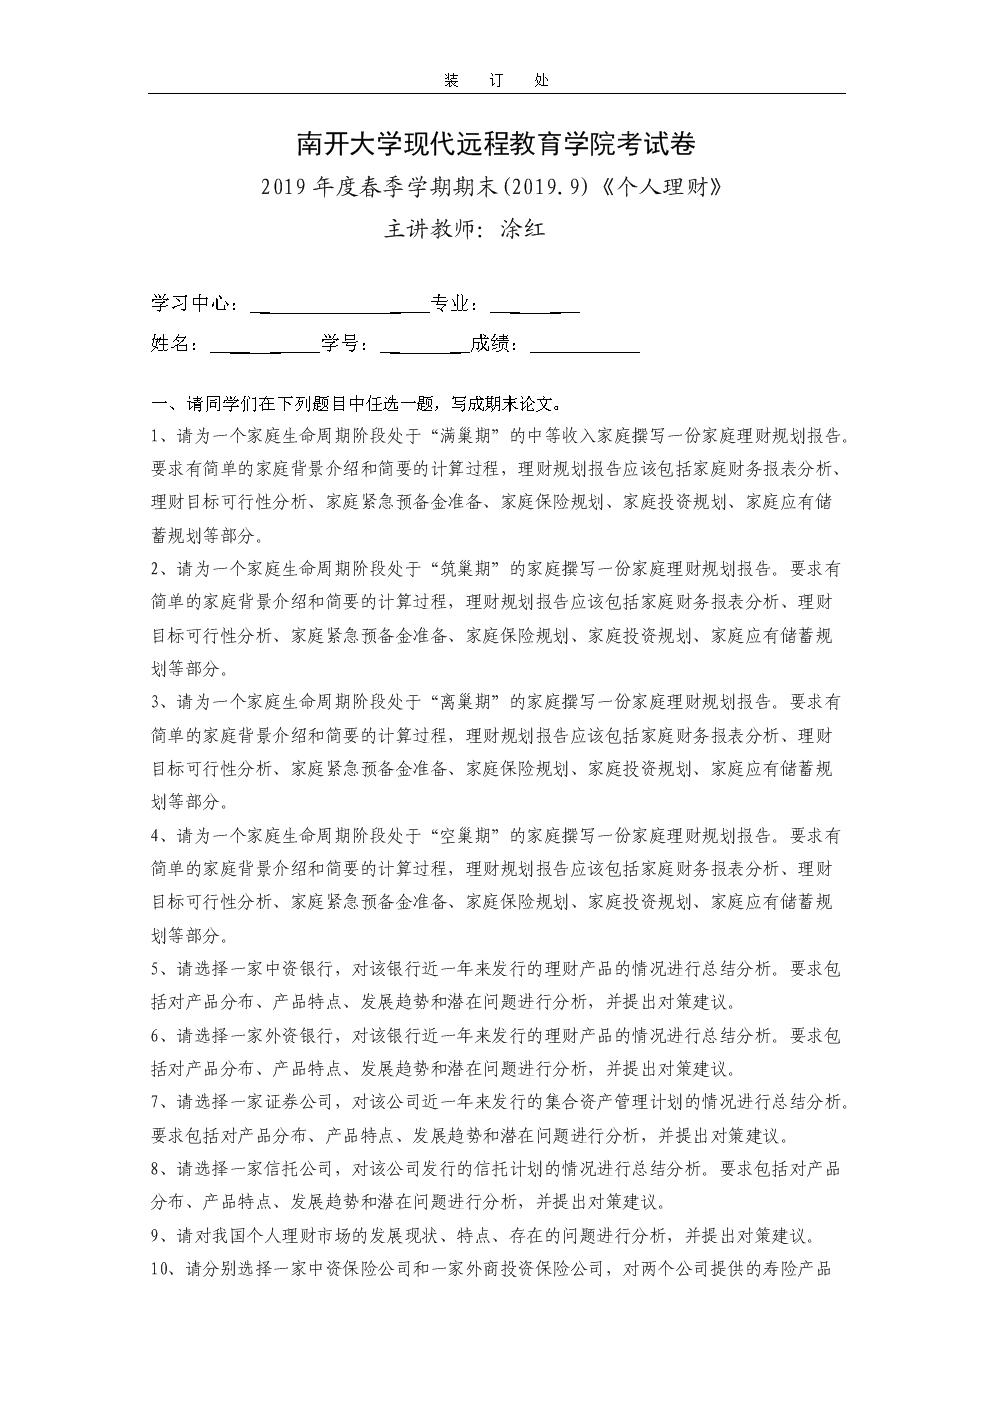 南开大学19年9月考试《个人理财》考核要求【答案】.doc